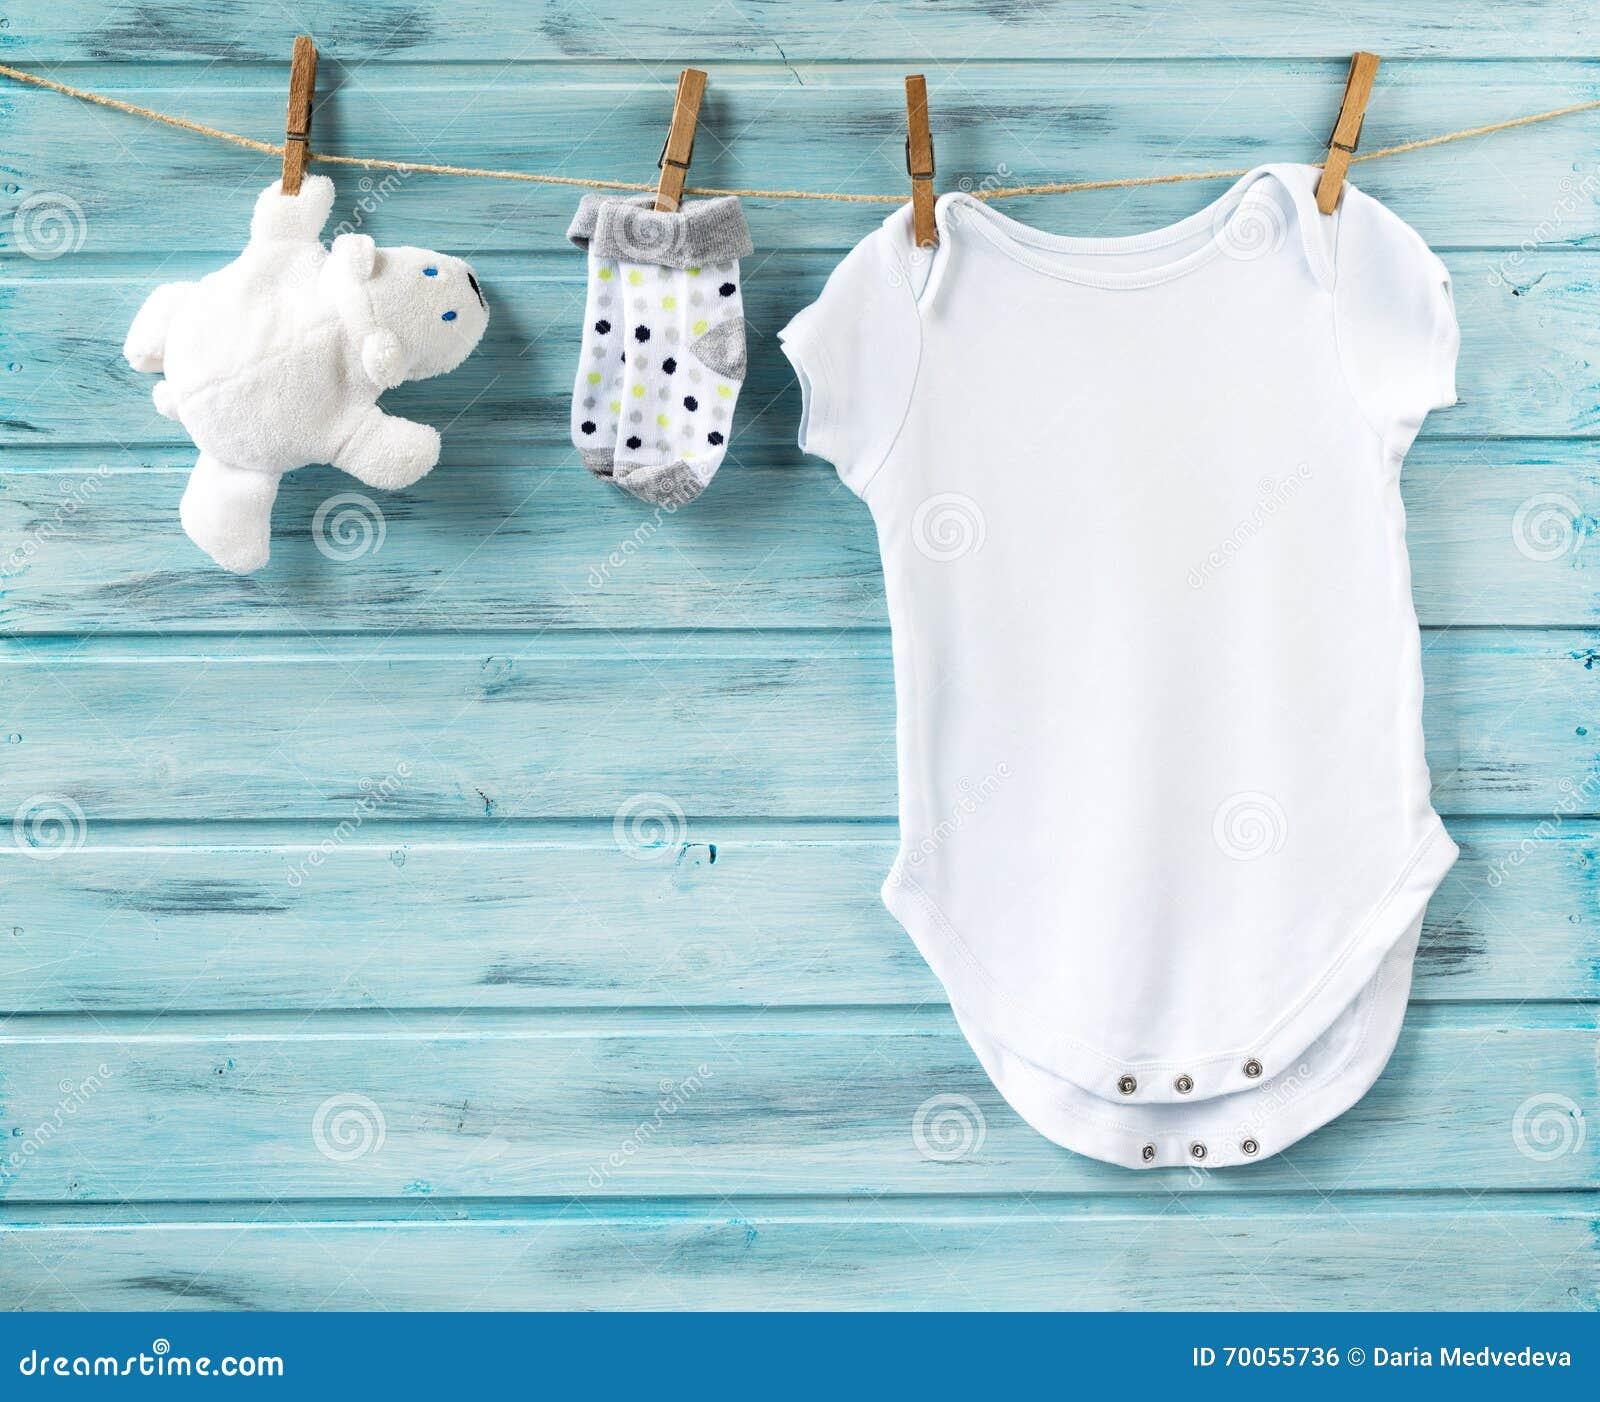 Chłopiec odzieżowego i białego niedźwiedzia zabawka na clothesline